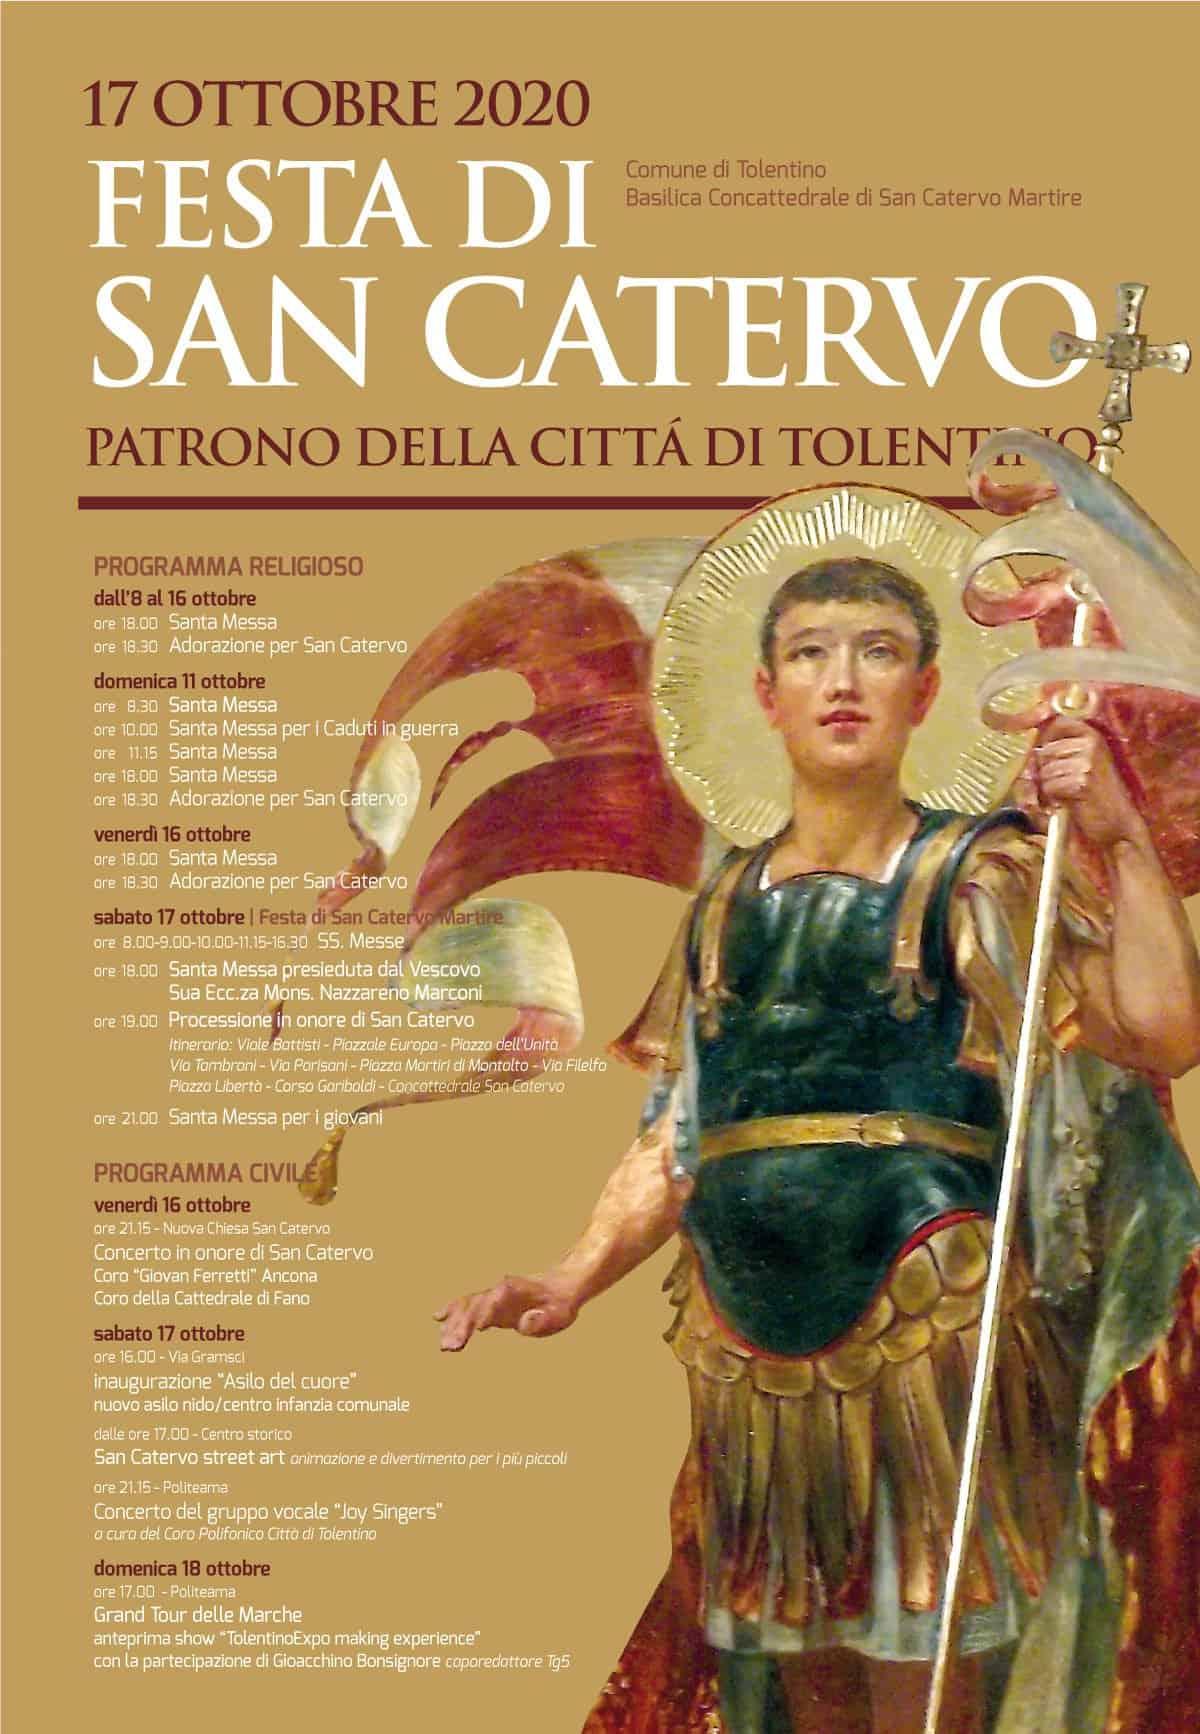 Festa di San Catervo - Patrono della Città di Tolentino